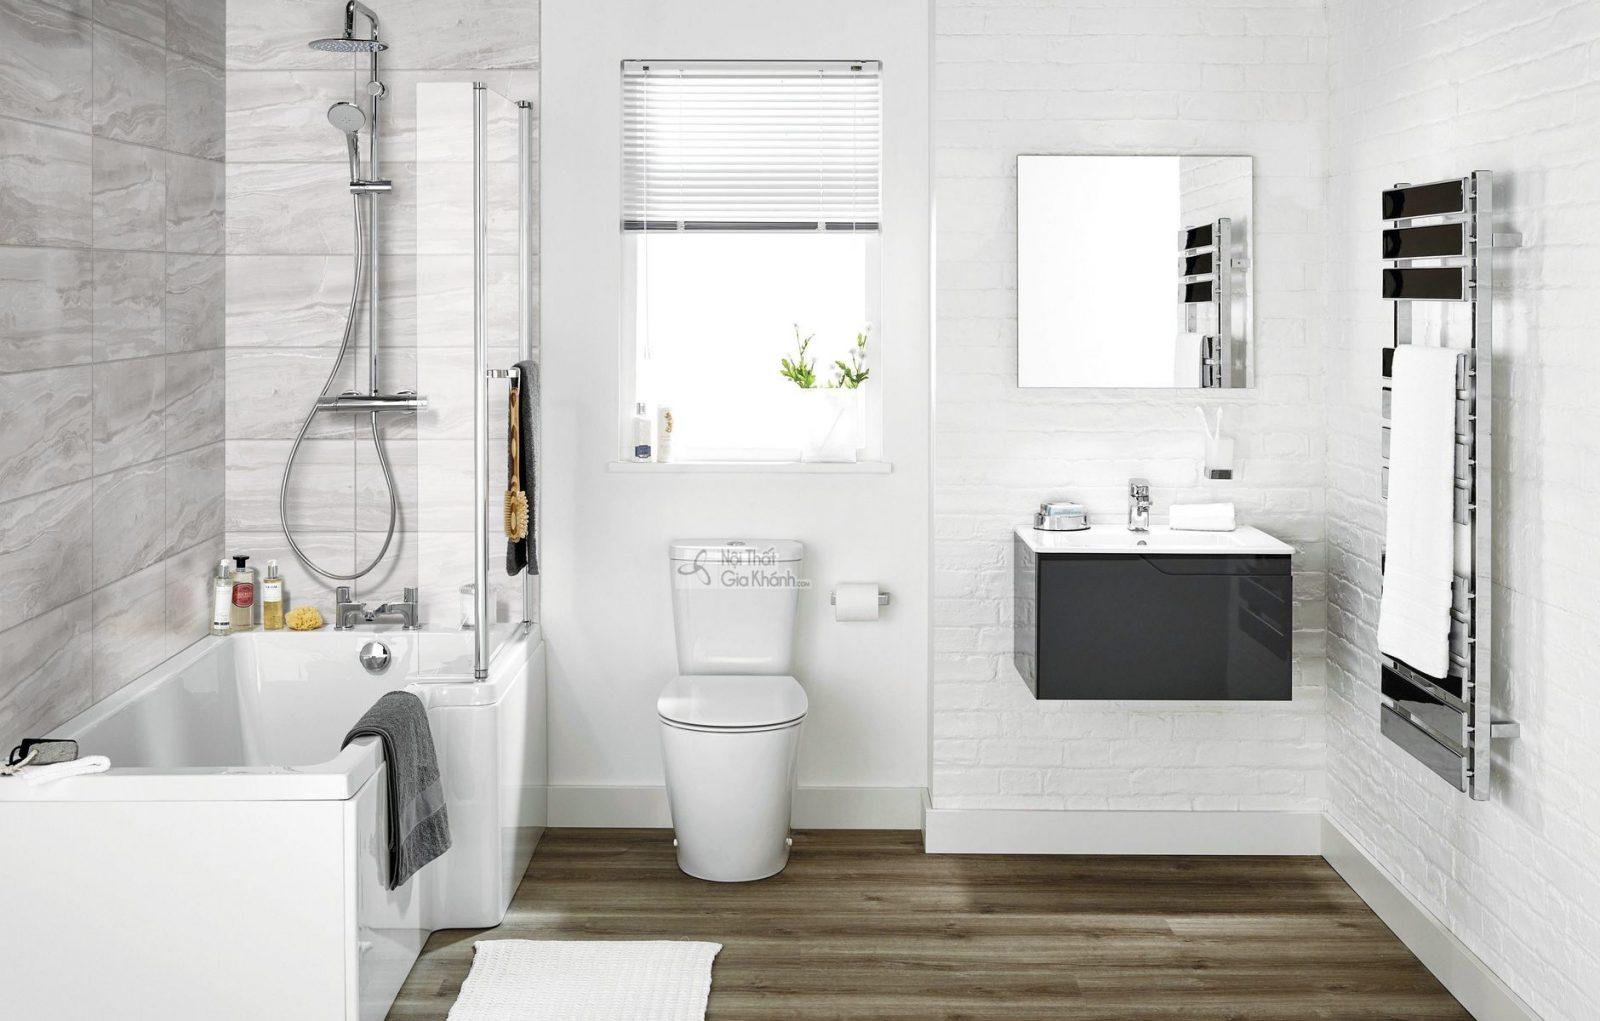 Xem ngay 10 ý tưởng trang trí mẫu phòng vệ sinh đẹp - xem ngay 10 y tuong trang tri mau phong ve sinh dep 4